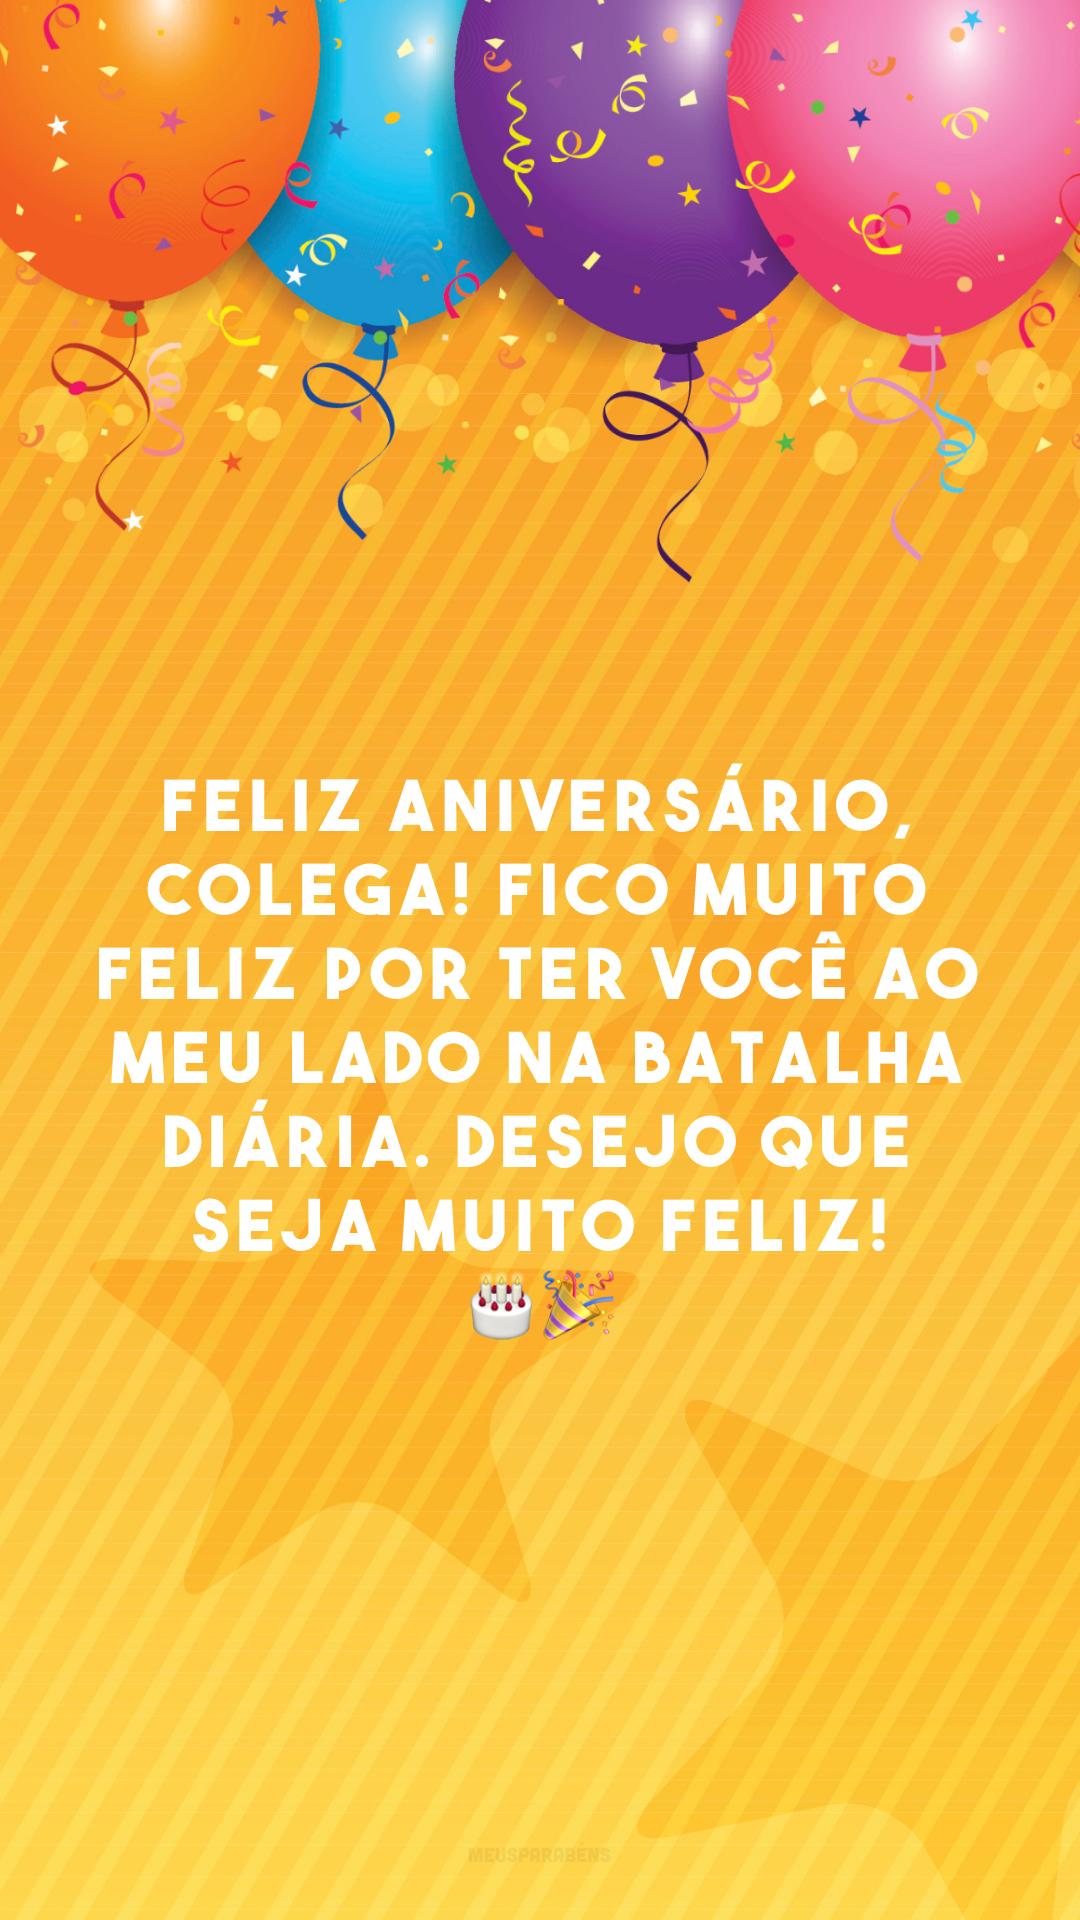 Feliz aniversário, colega! Fico muito feliz por ter você ao meu lado na batalha diária. Desejo que seja muito feliz! 🎂🎉